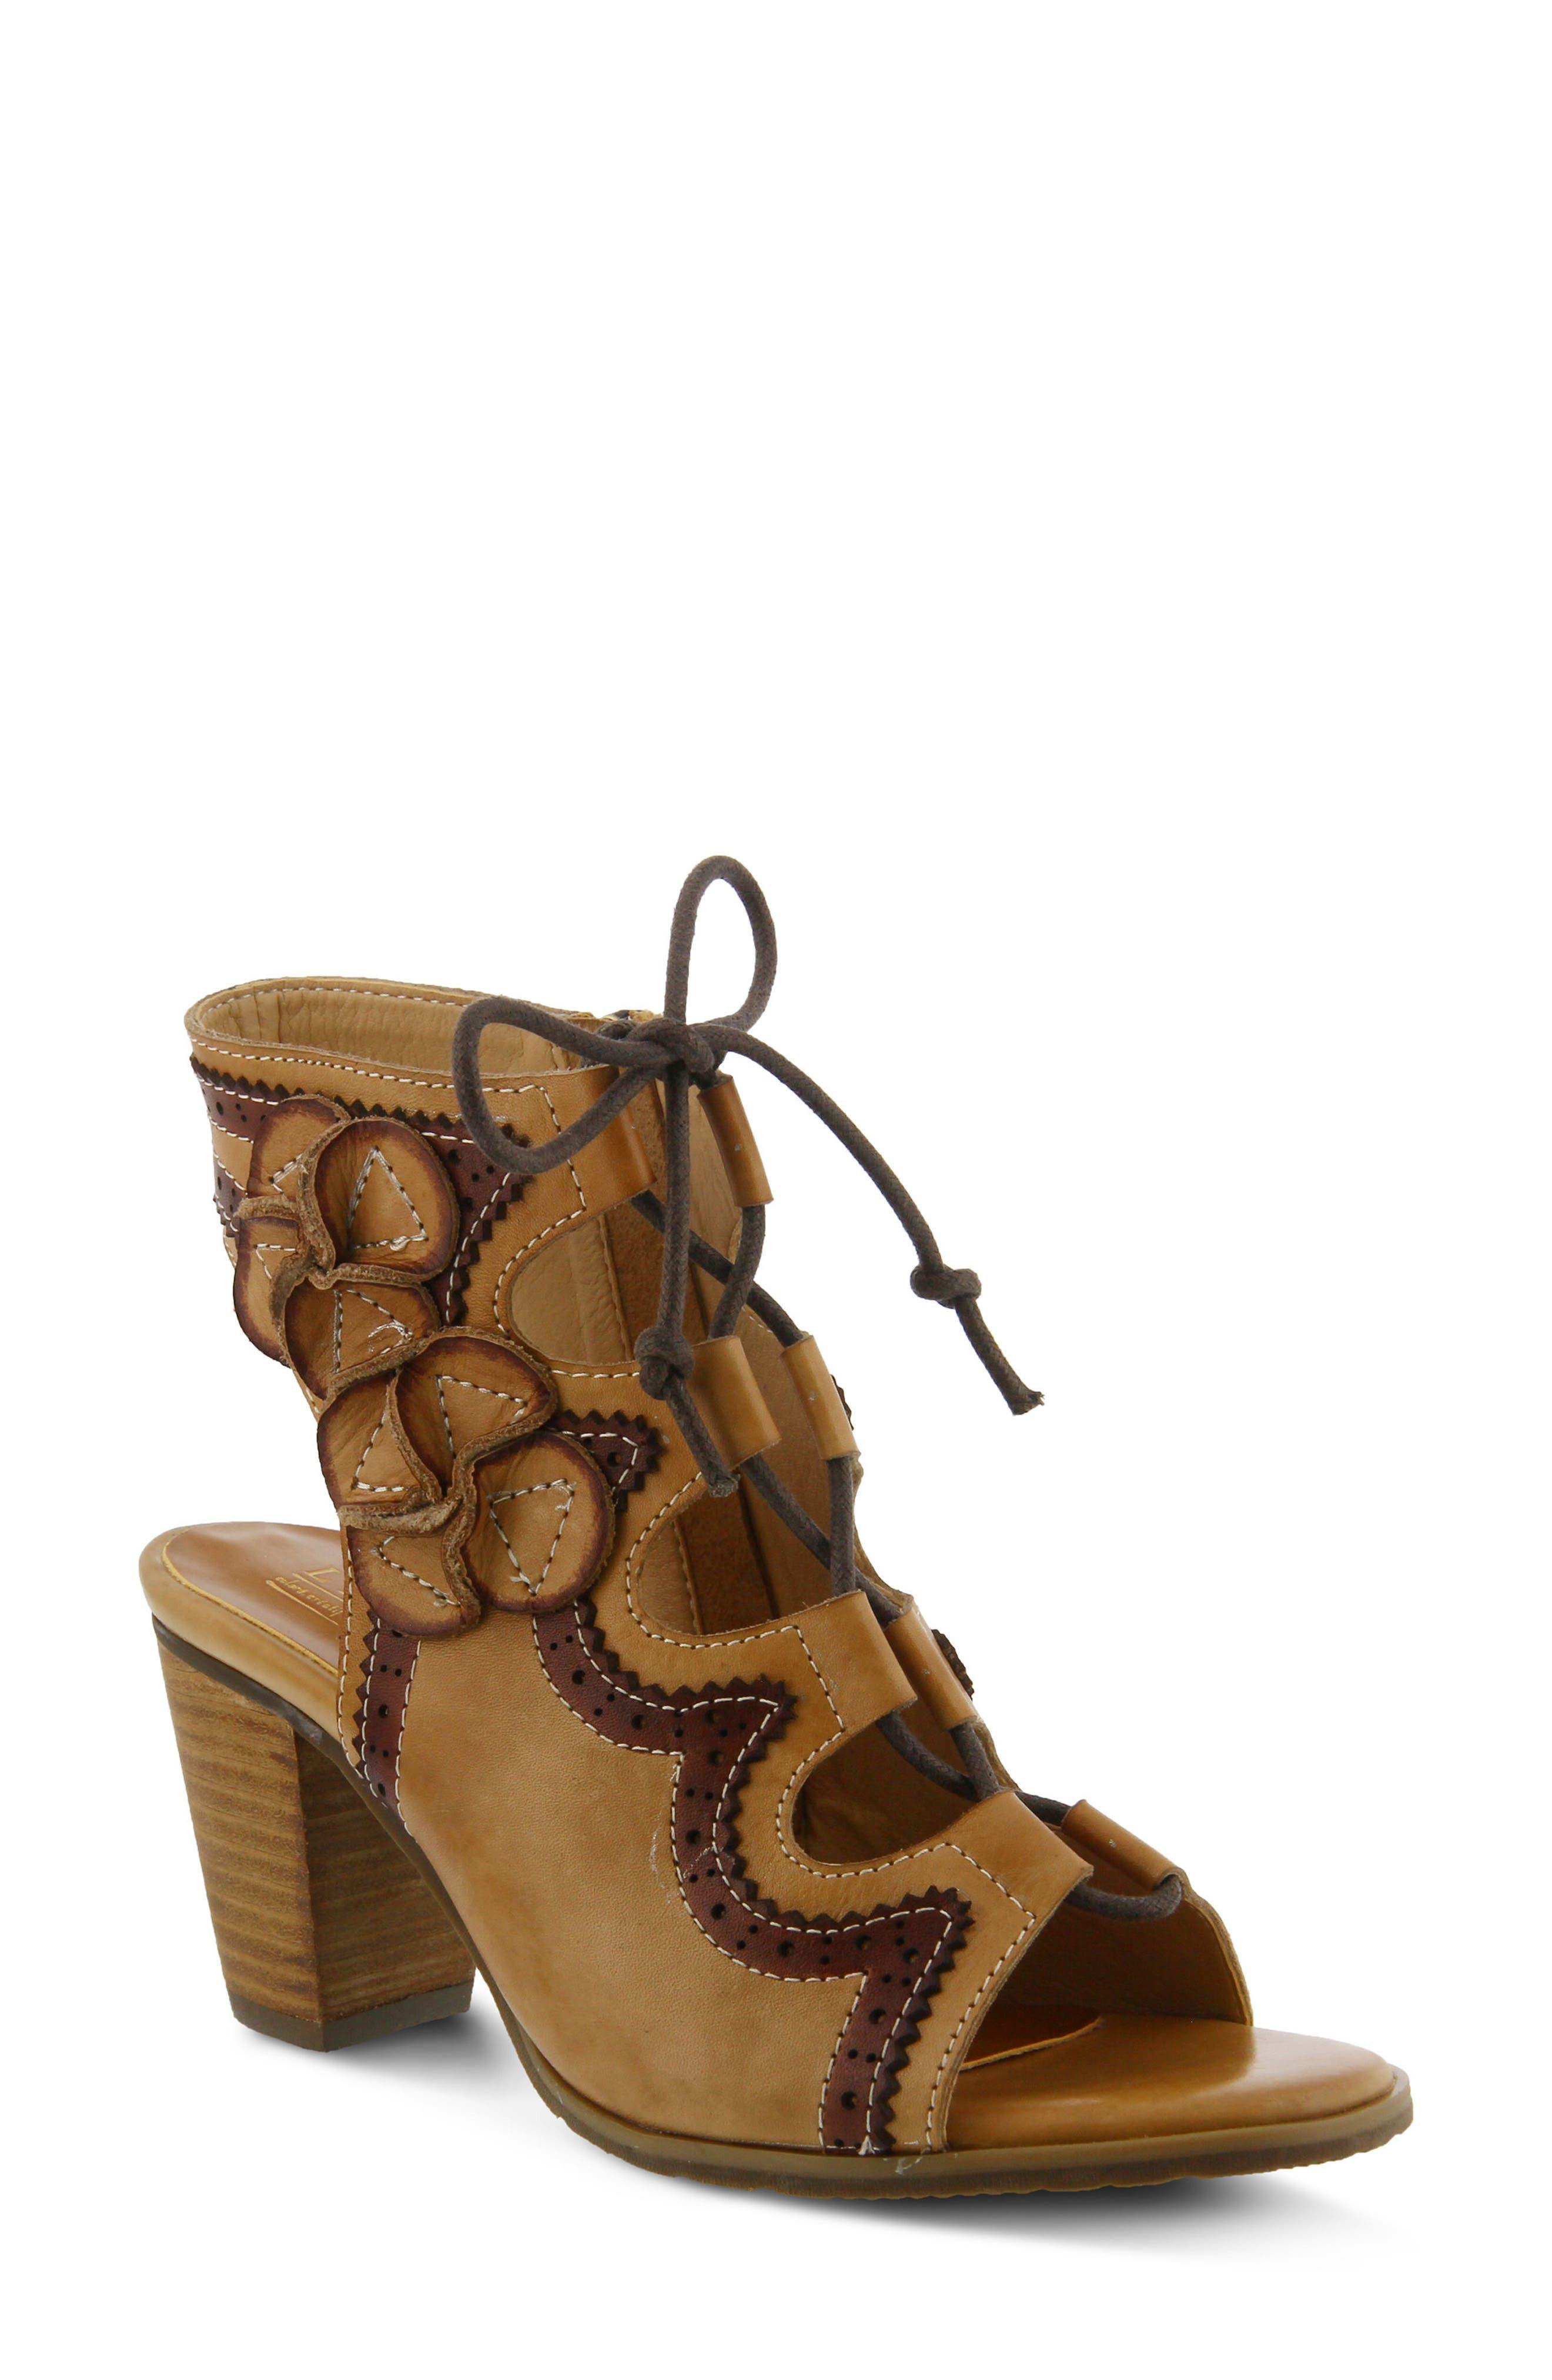 L'Artiste Alejandra Sandal,                         Main,                         color, Beige Leather